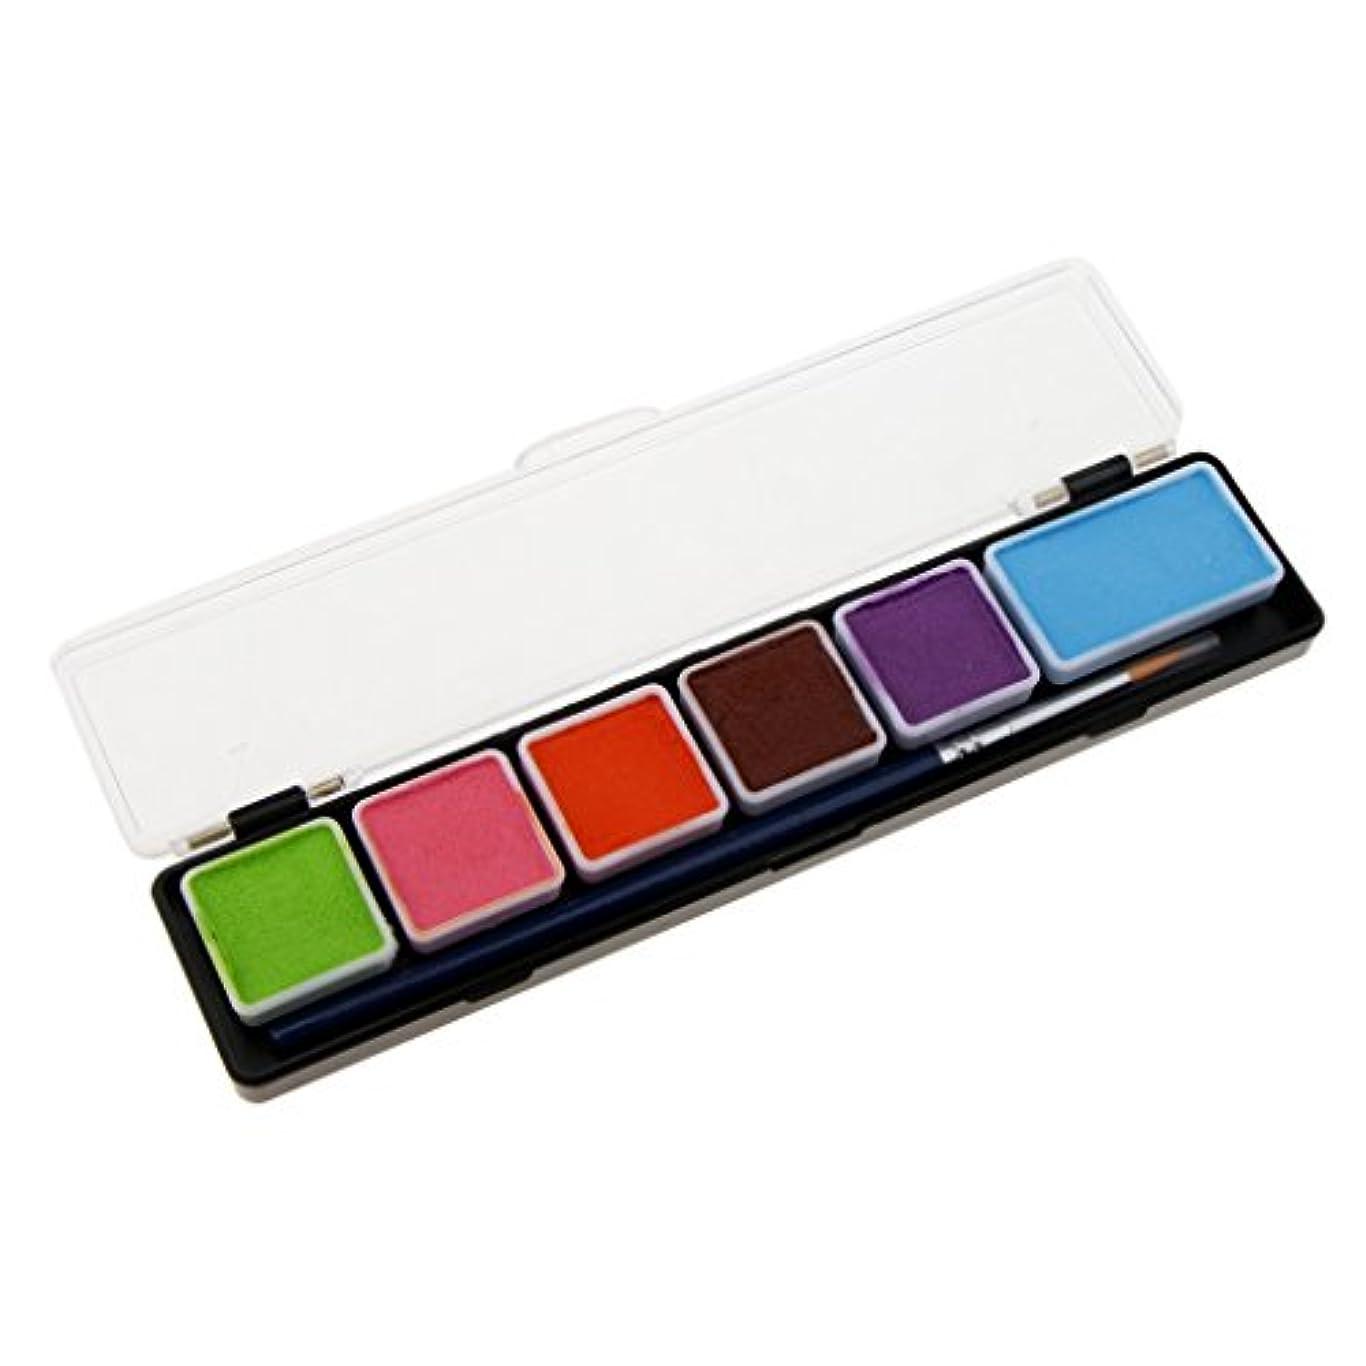 誰もさておき質素なフェイスペイント 6色入り ボディペイント アートメイク コスプレ クリスマス ハロウィン仮装変装用 - RT005B